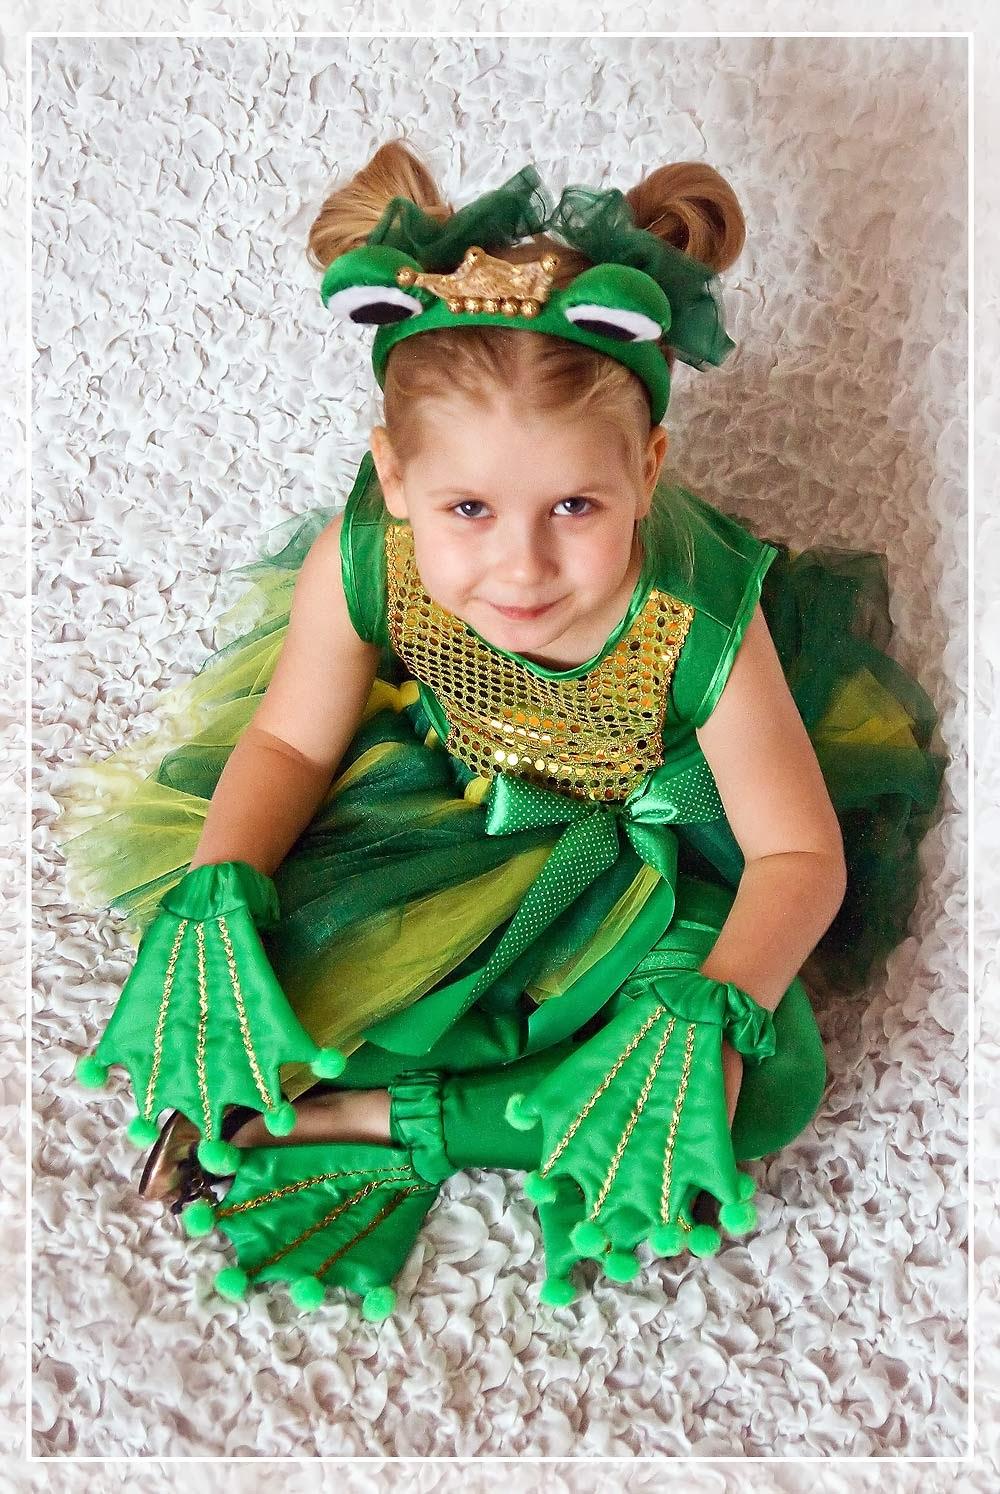 Костюм лягушки своими руками для взрослого